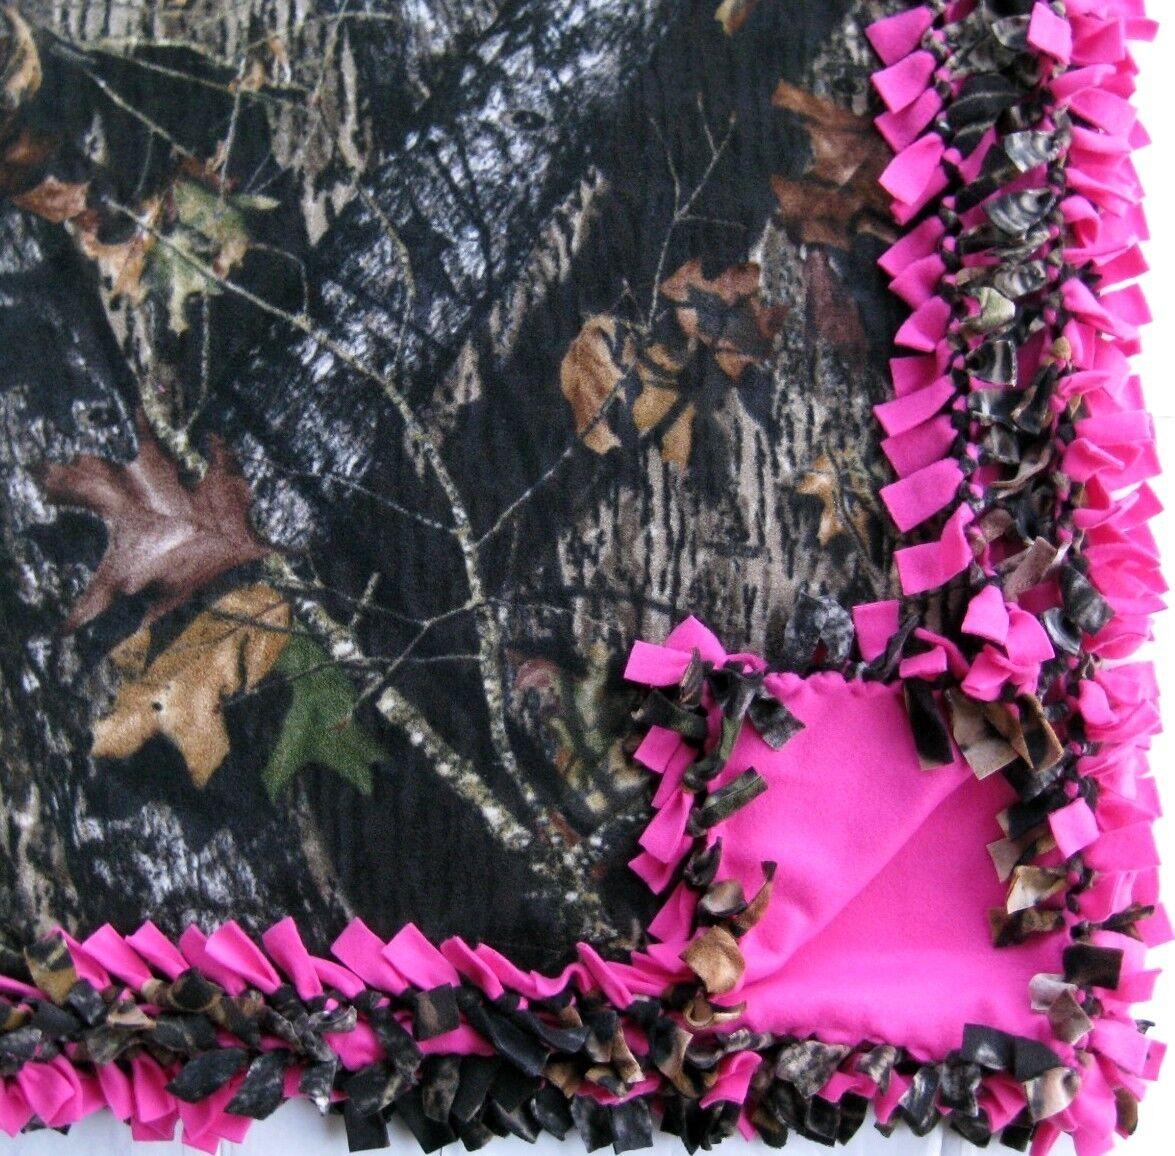 Handmade FLEECE TIE-BLANKET 60X54 Rustic Mossy Oak Camouflage Hot Pink - 2 layer